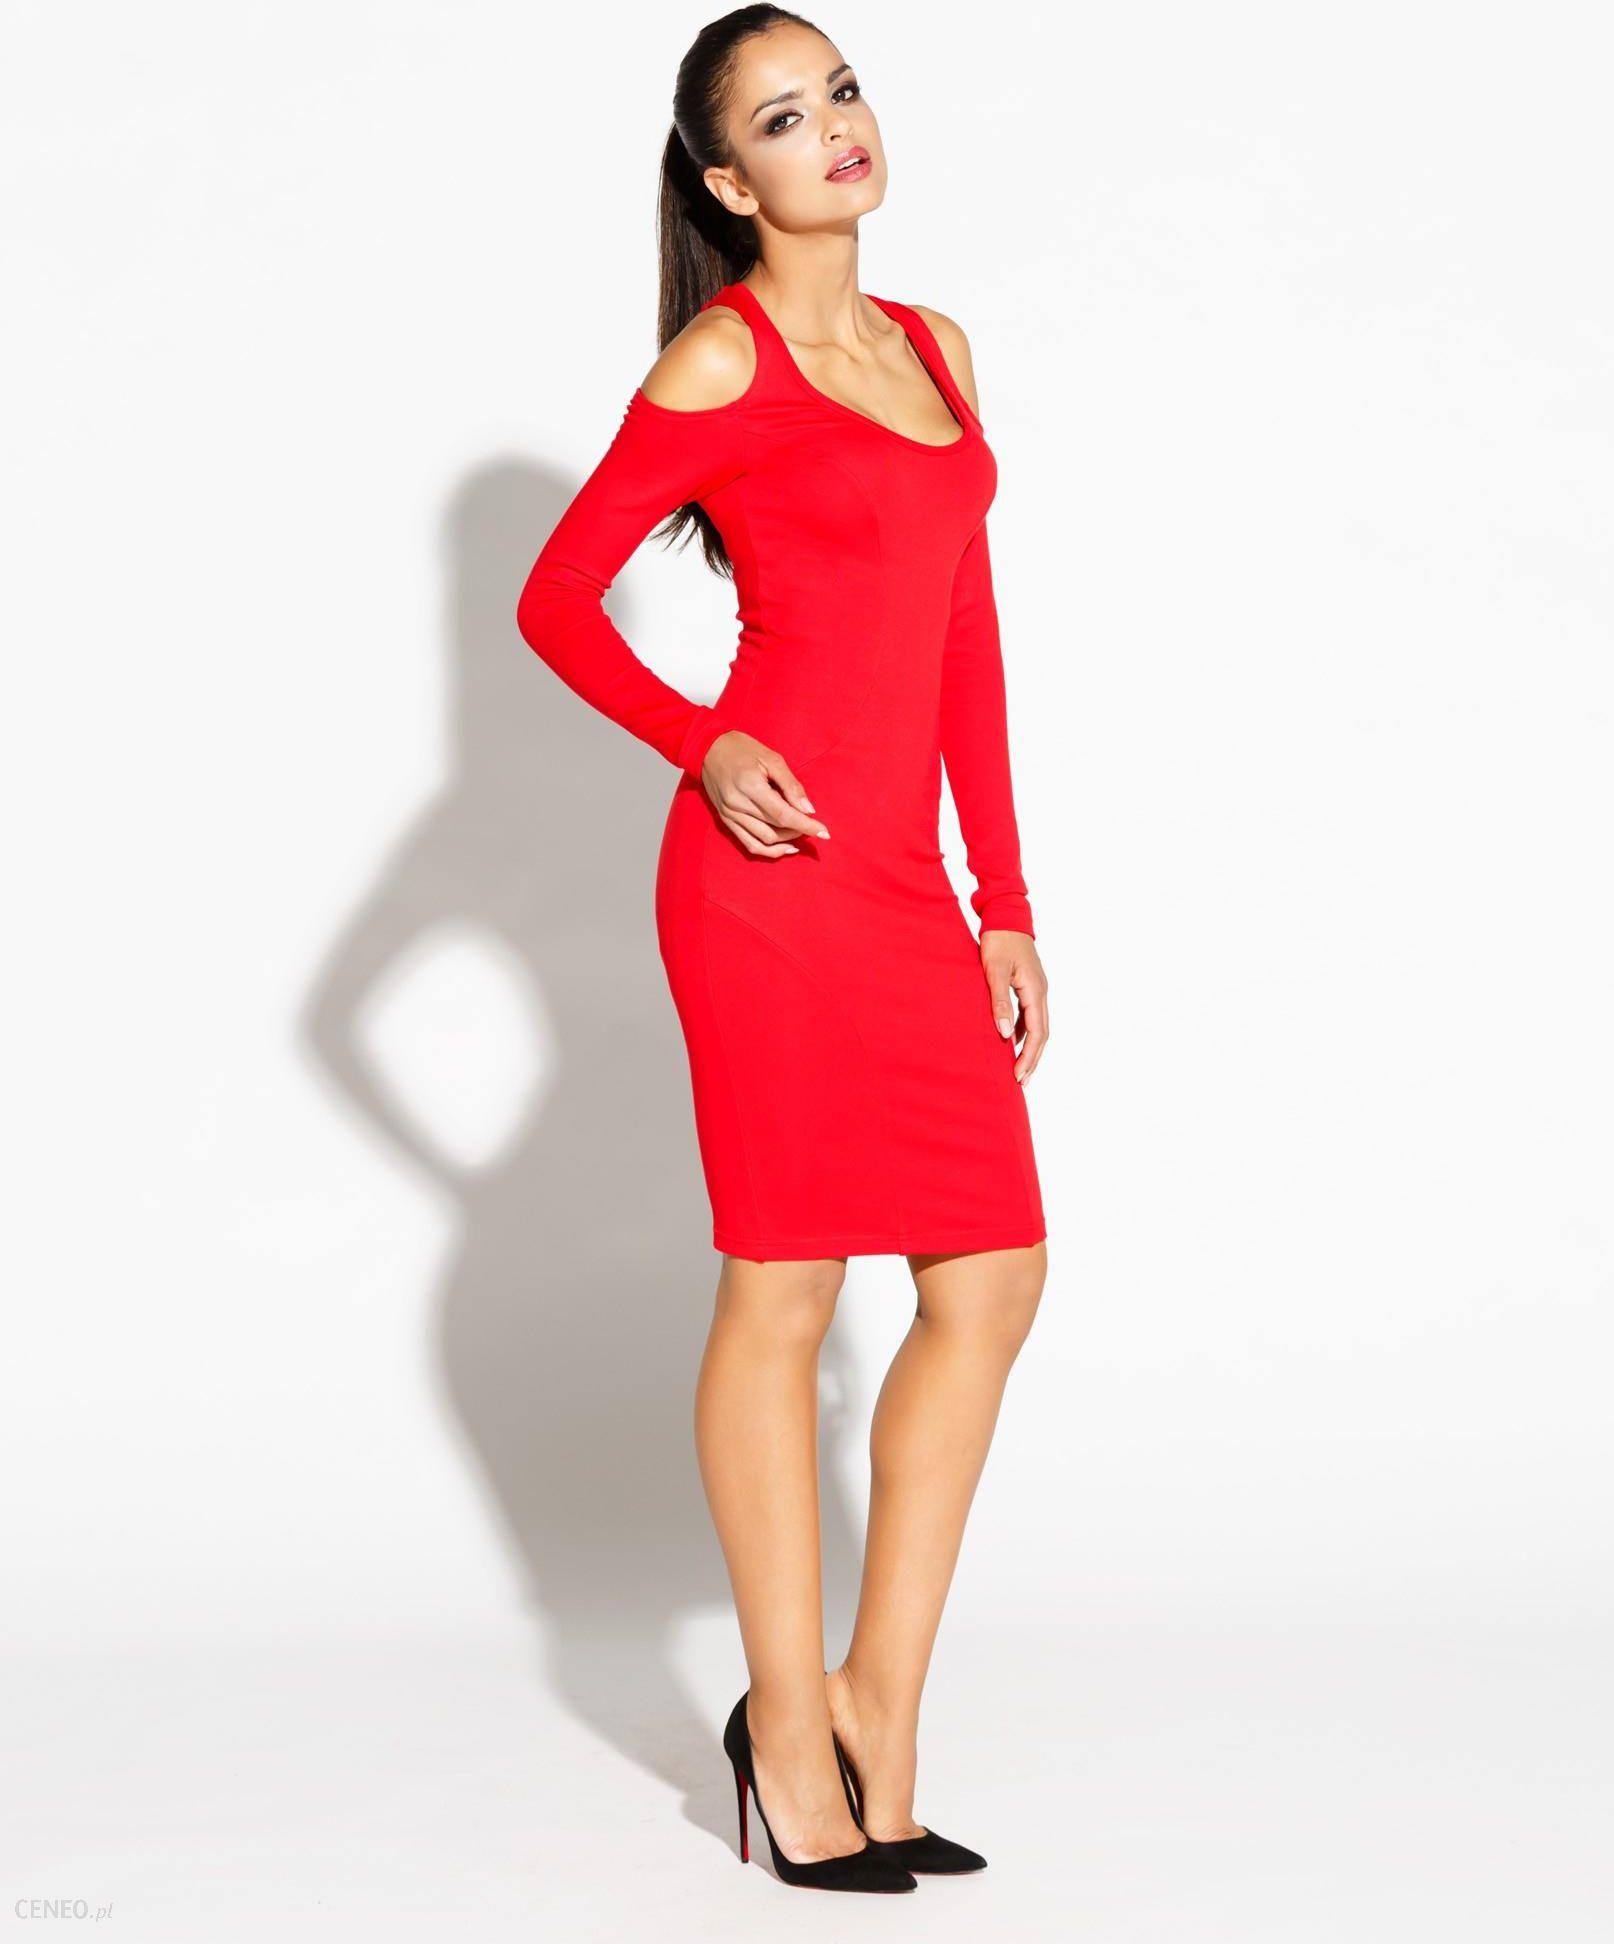 6d2e79e7 Dursi Dopasowana sukienka z długim rękawem - Epien czerwona, Rozmiar: M